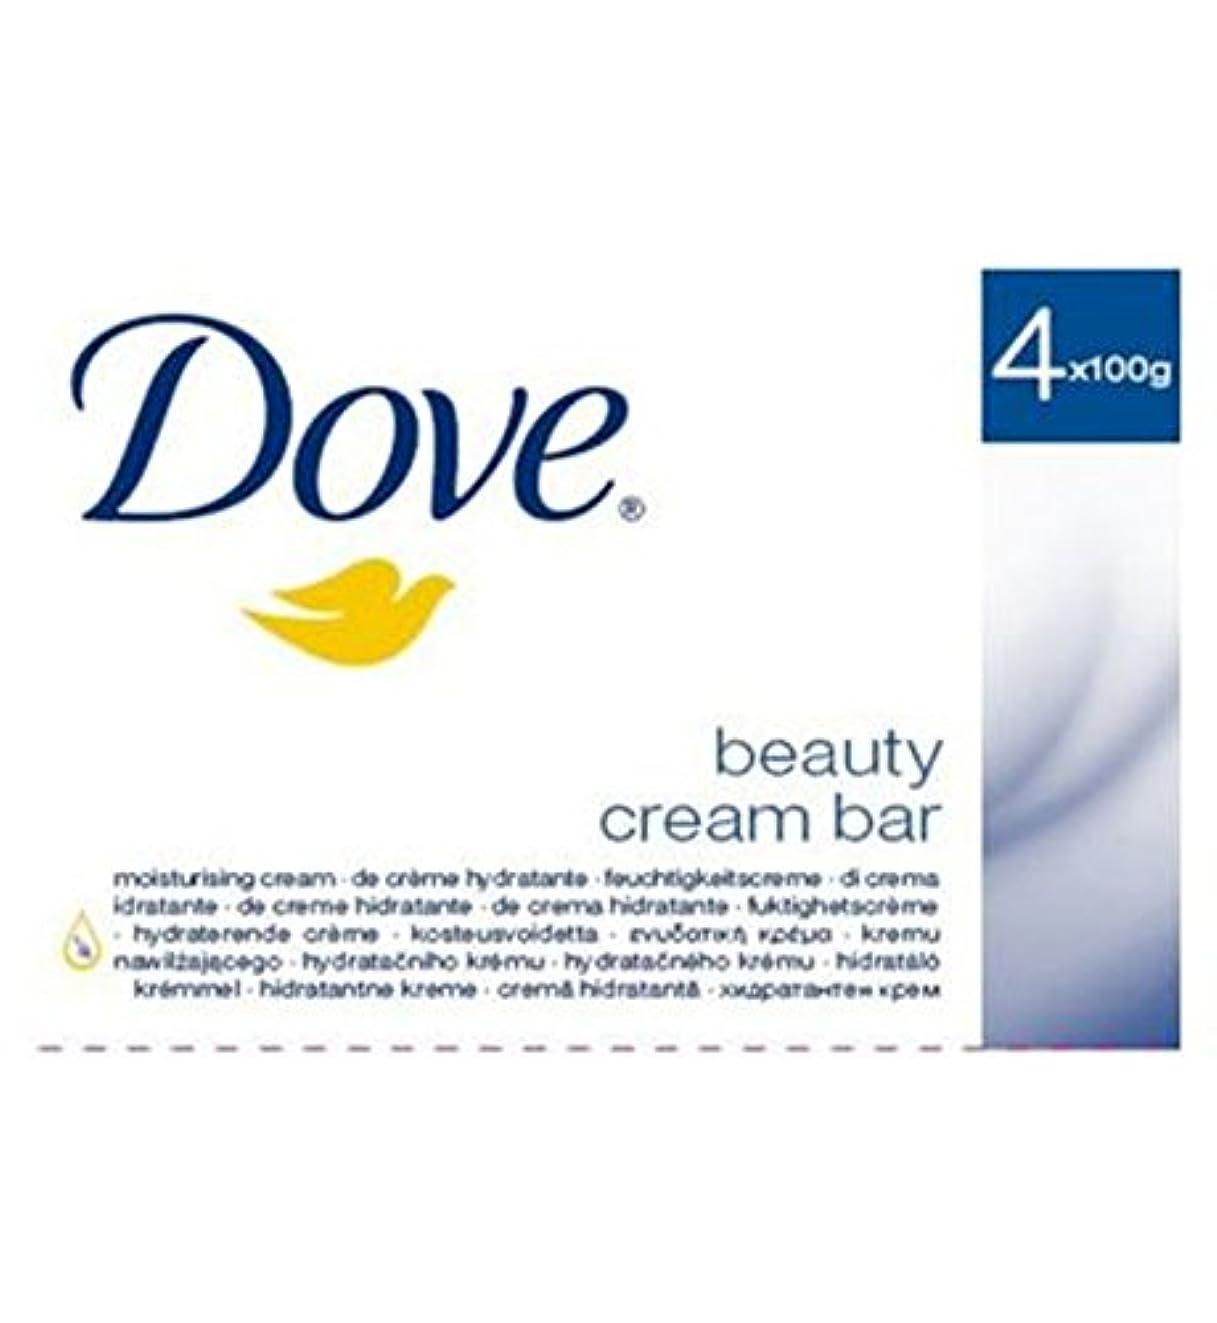 許さない賞賛利得鳩元の美しさのクリームバー4のX 100グラム (Dove) (x2) - Dove Original Beauty Cream Bar 4 x 100g (Pack of 2) [並行輸入品]